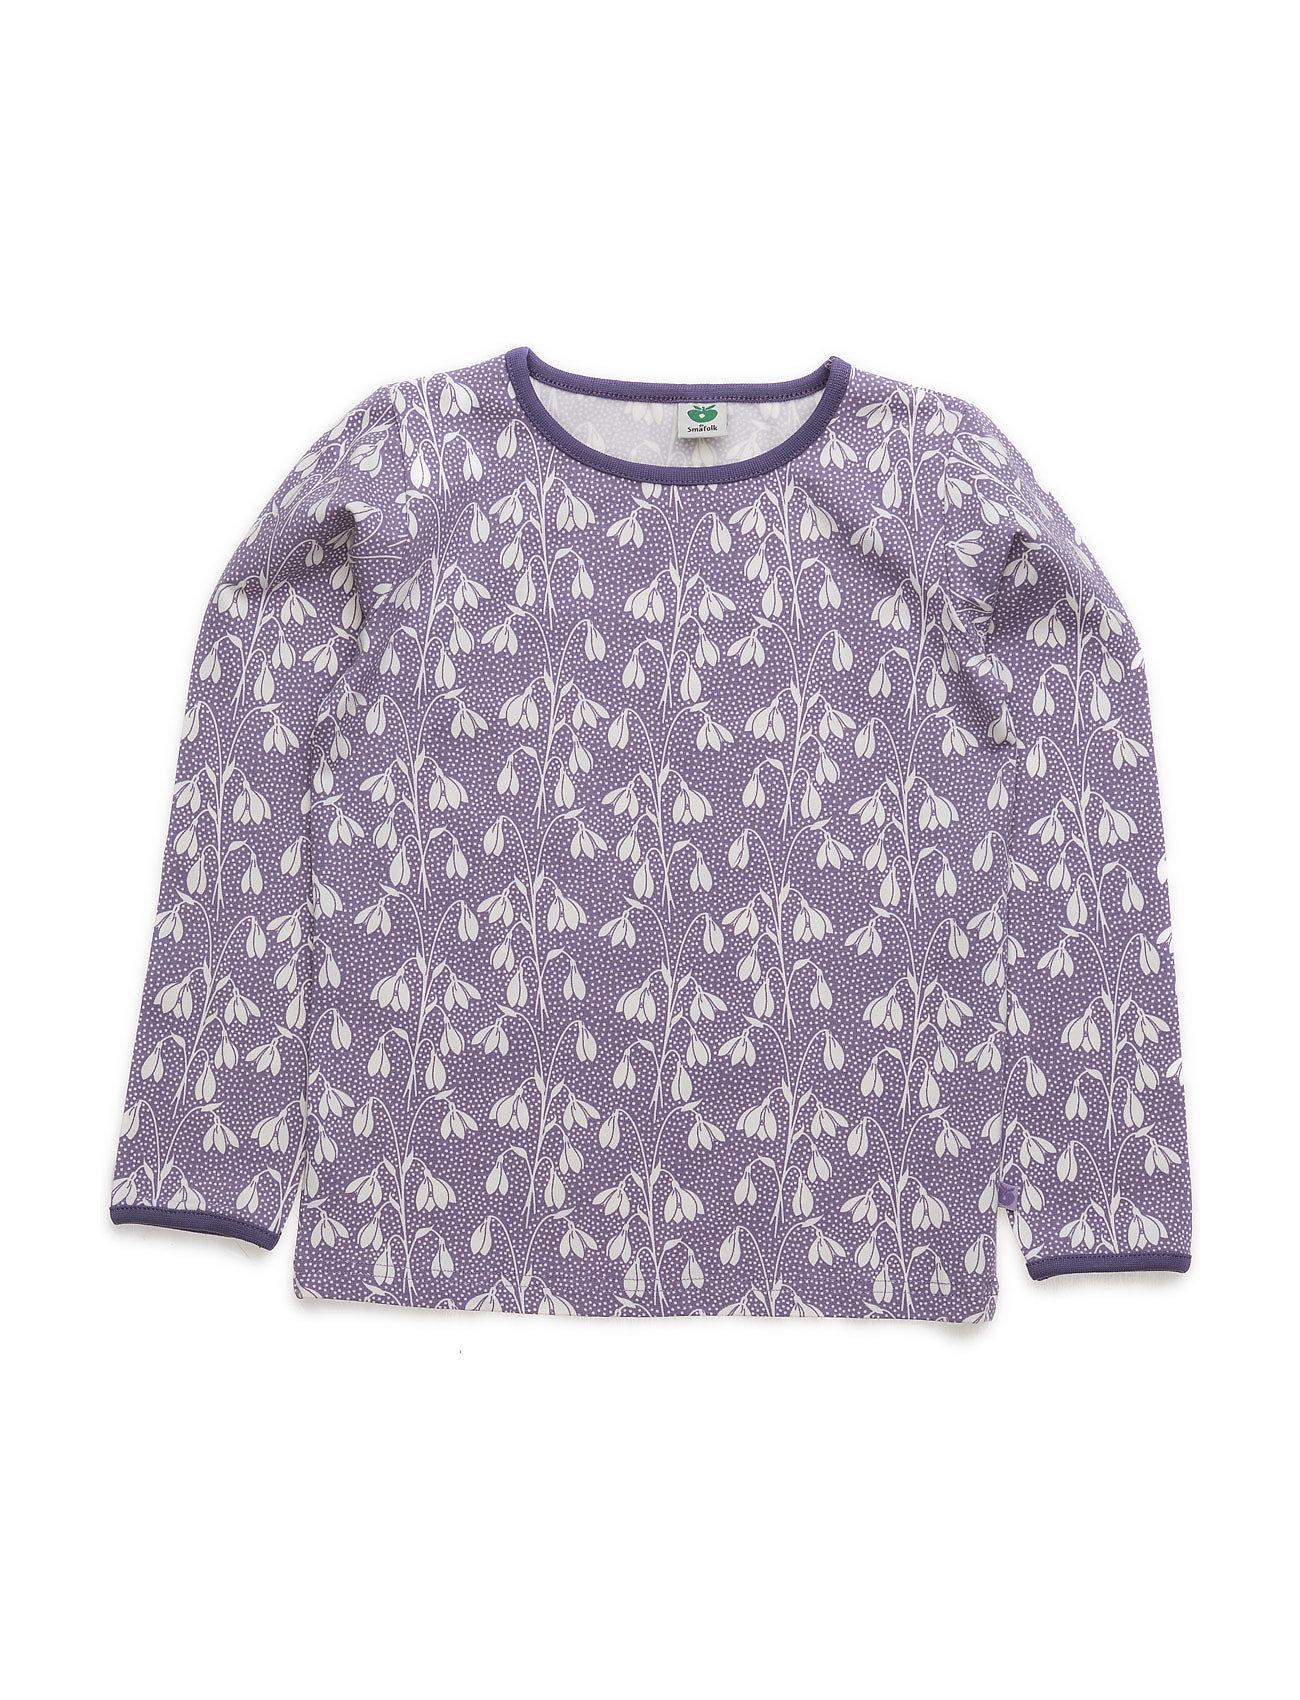 T-Shirt Ls. Flowers Småfolk Langærmede t-shirts til Børn i